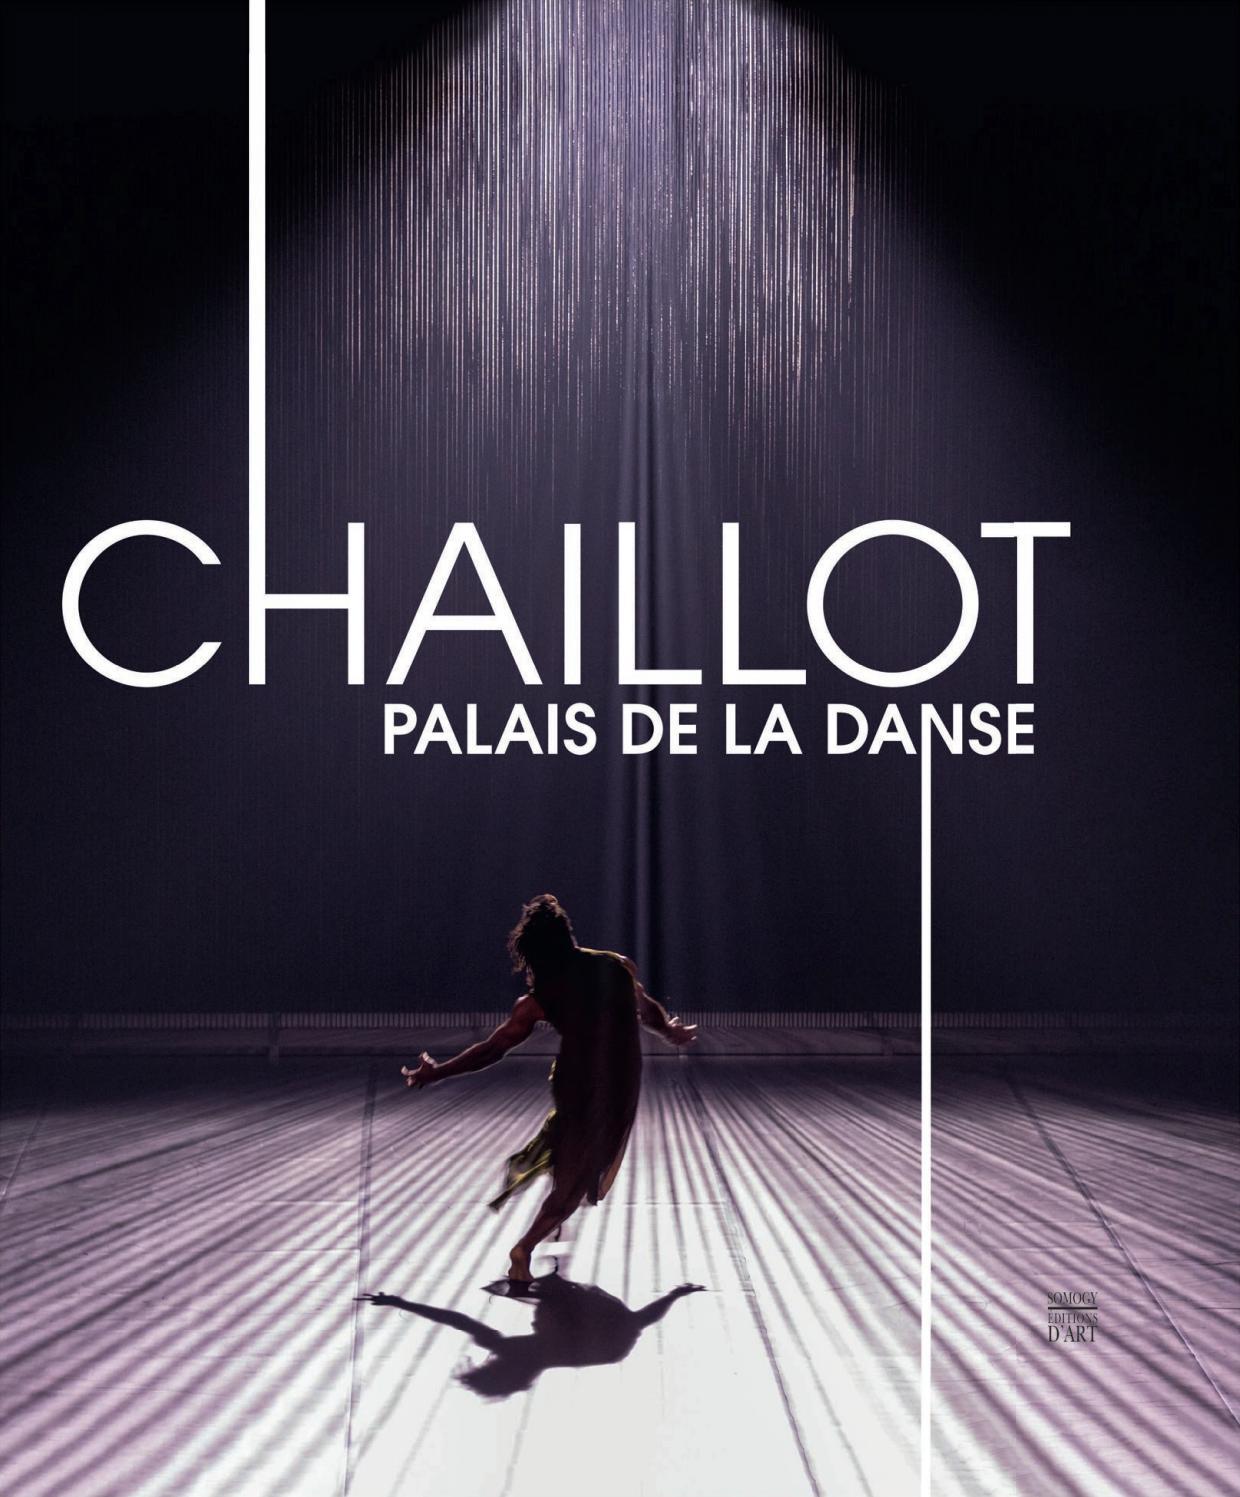 Le Palais De La Danse : palais, danse, CHAILLOT,, PALAIS, DANSE., Théâtre, Populaire, L'esplanade, Droits, L'homme, (extrait), Somogy, éditions, D'Art, Issuu